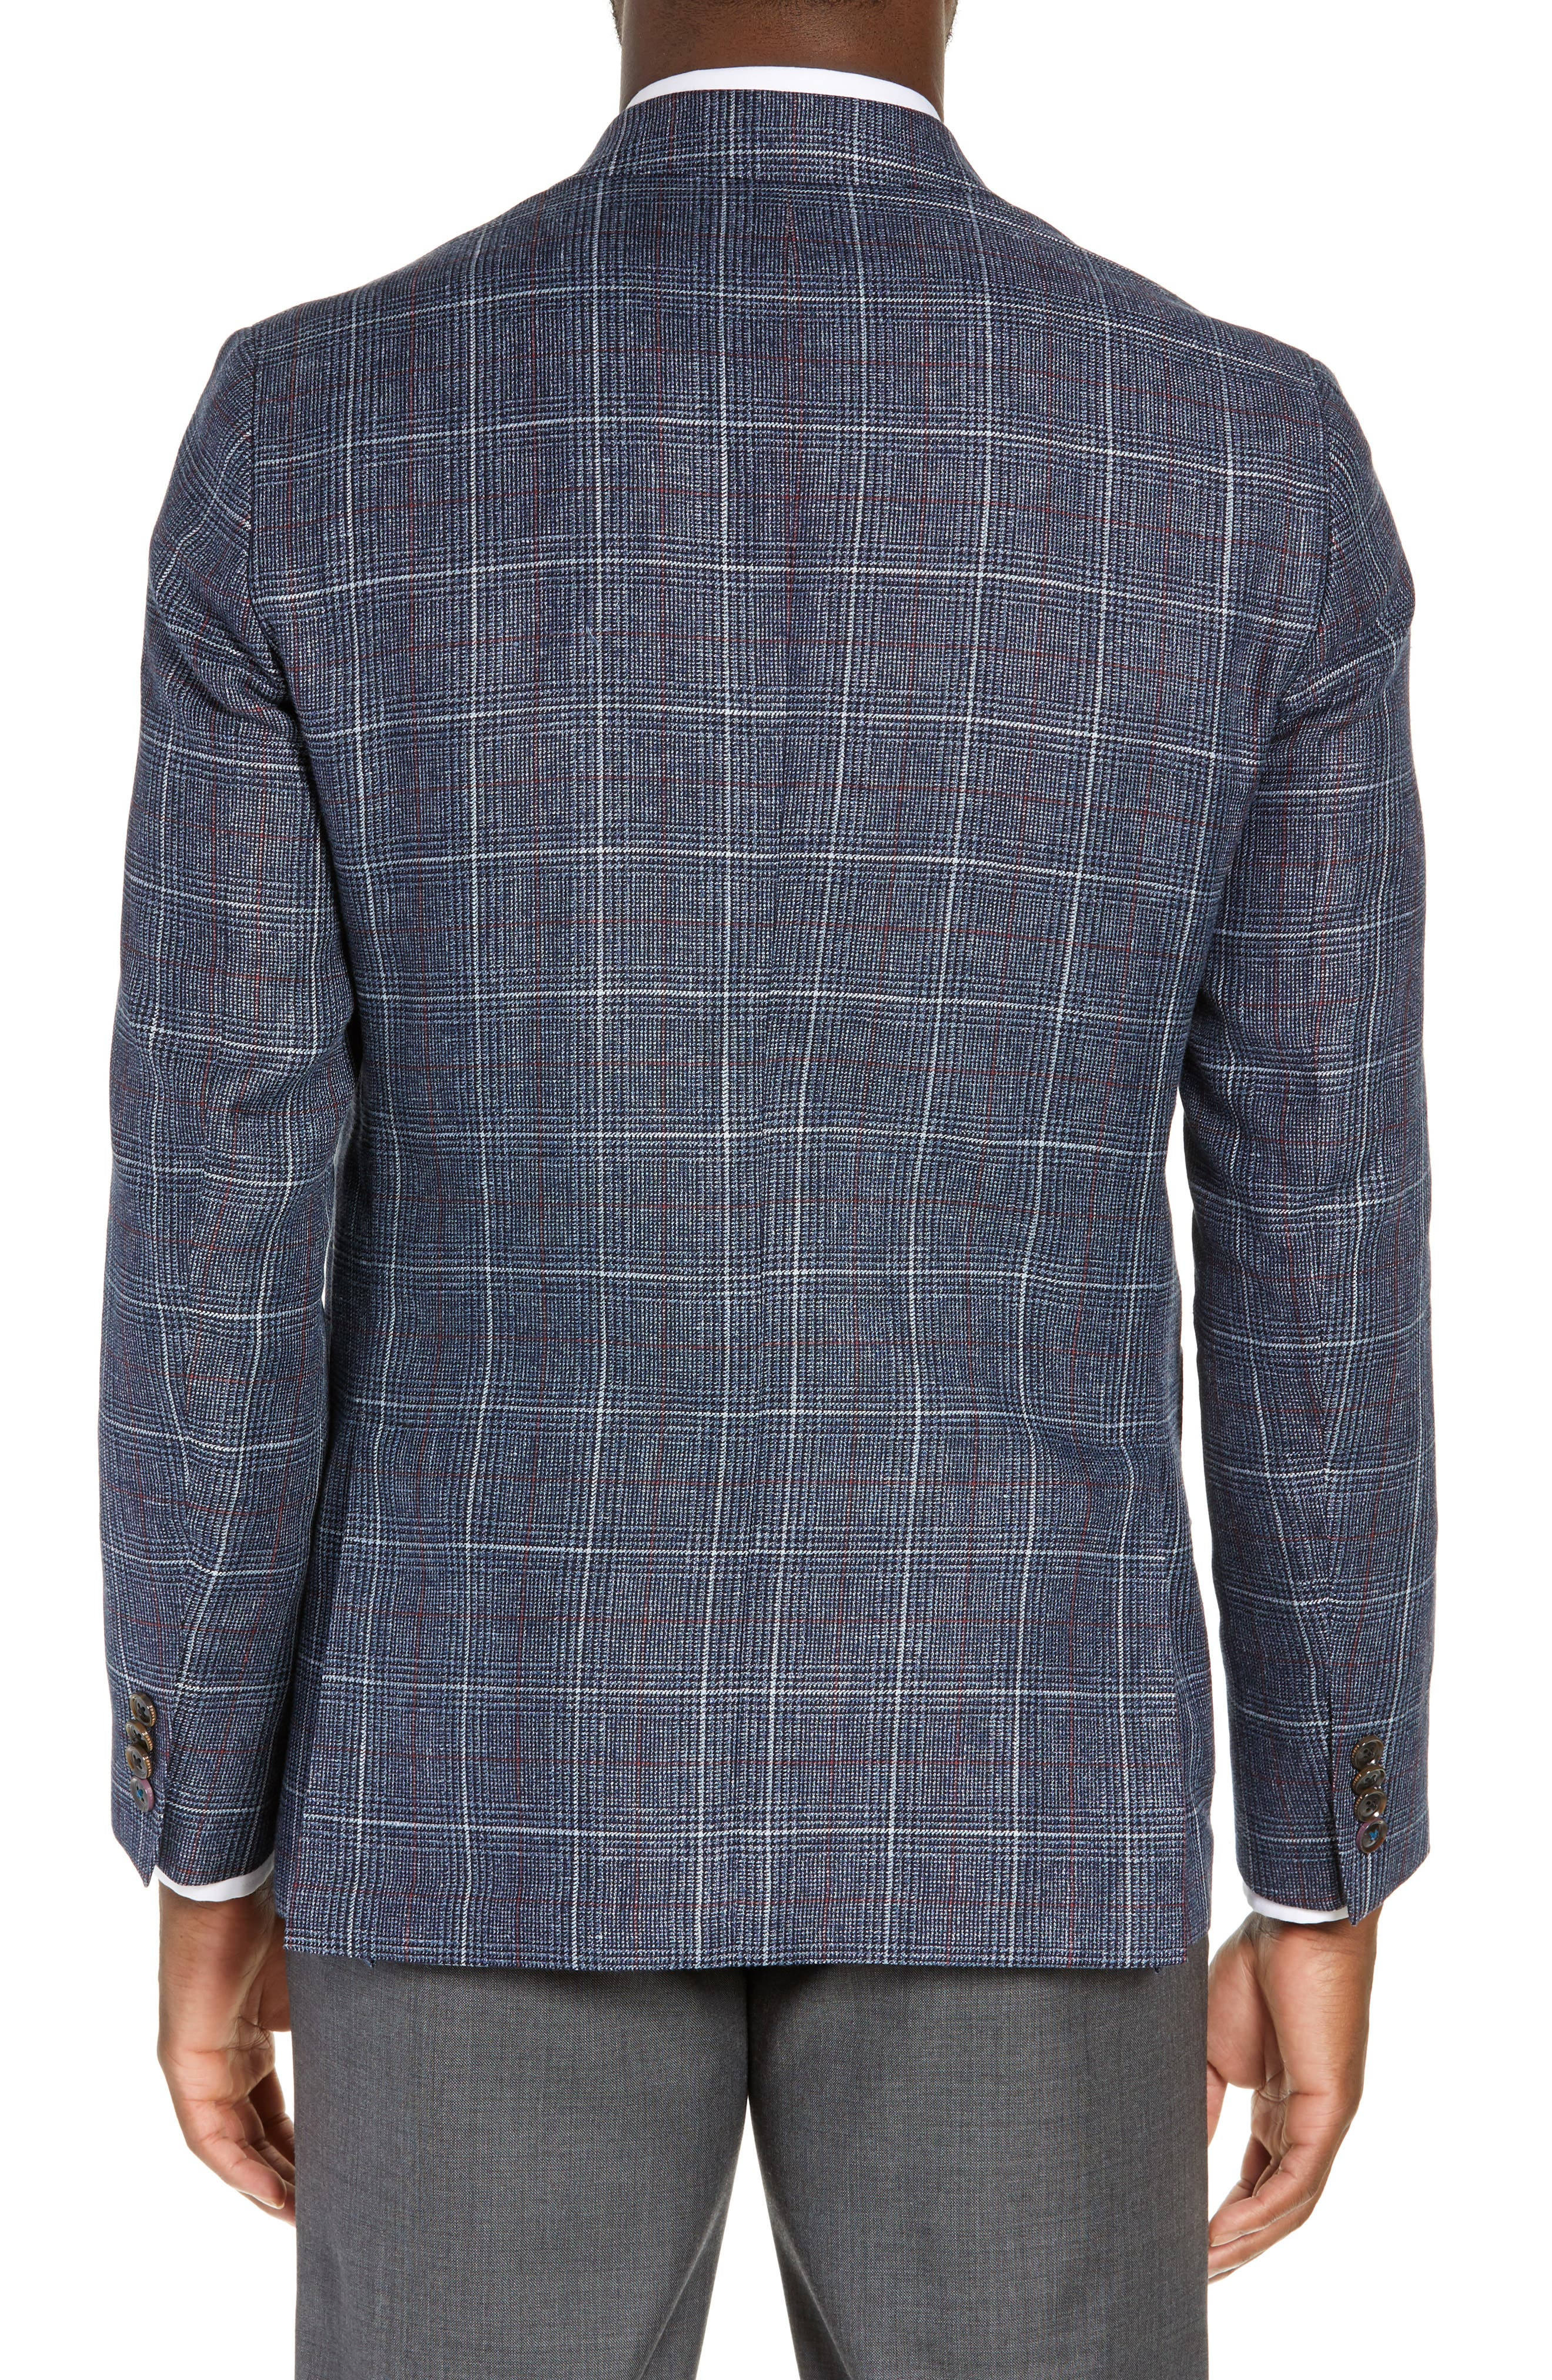 Kyle Trim Fit Plaid Linen Blend Sport Coat,                             Alternate thumbnail 2, color,                             BLUE